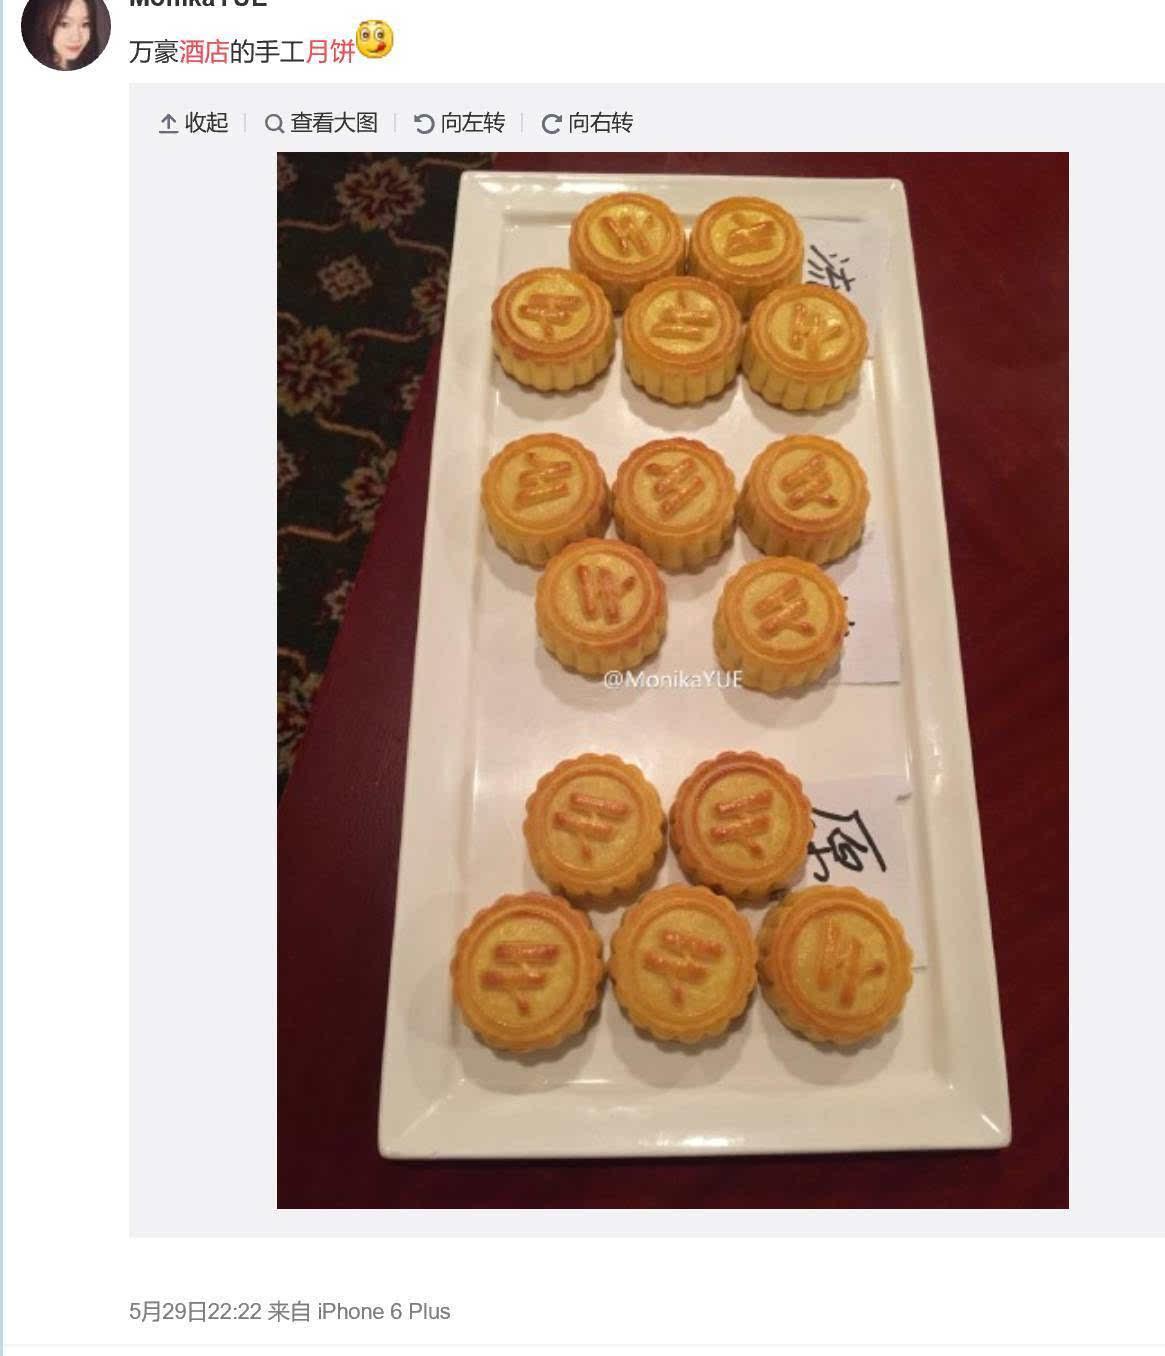 为什么今年的酒店月饼季比以往来得更早一些